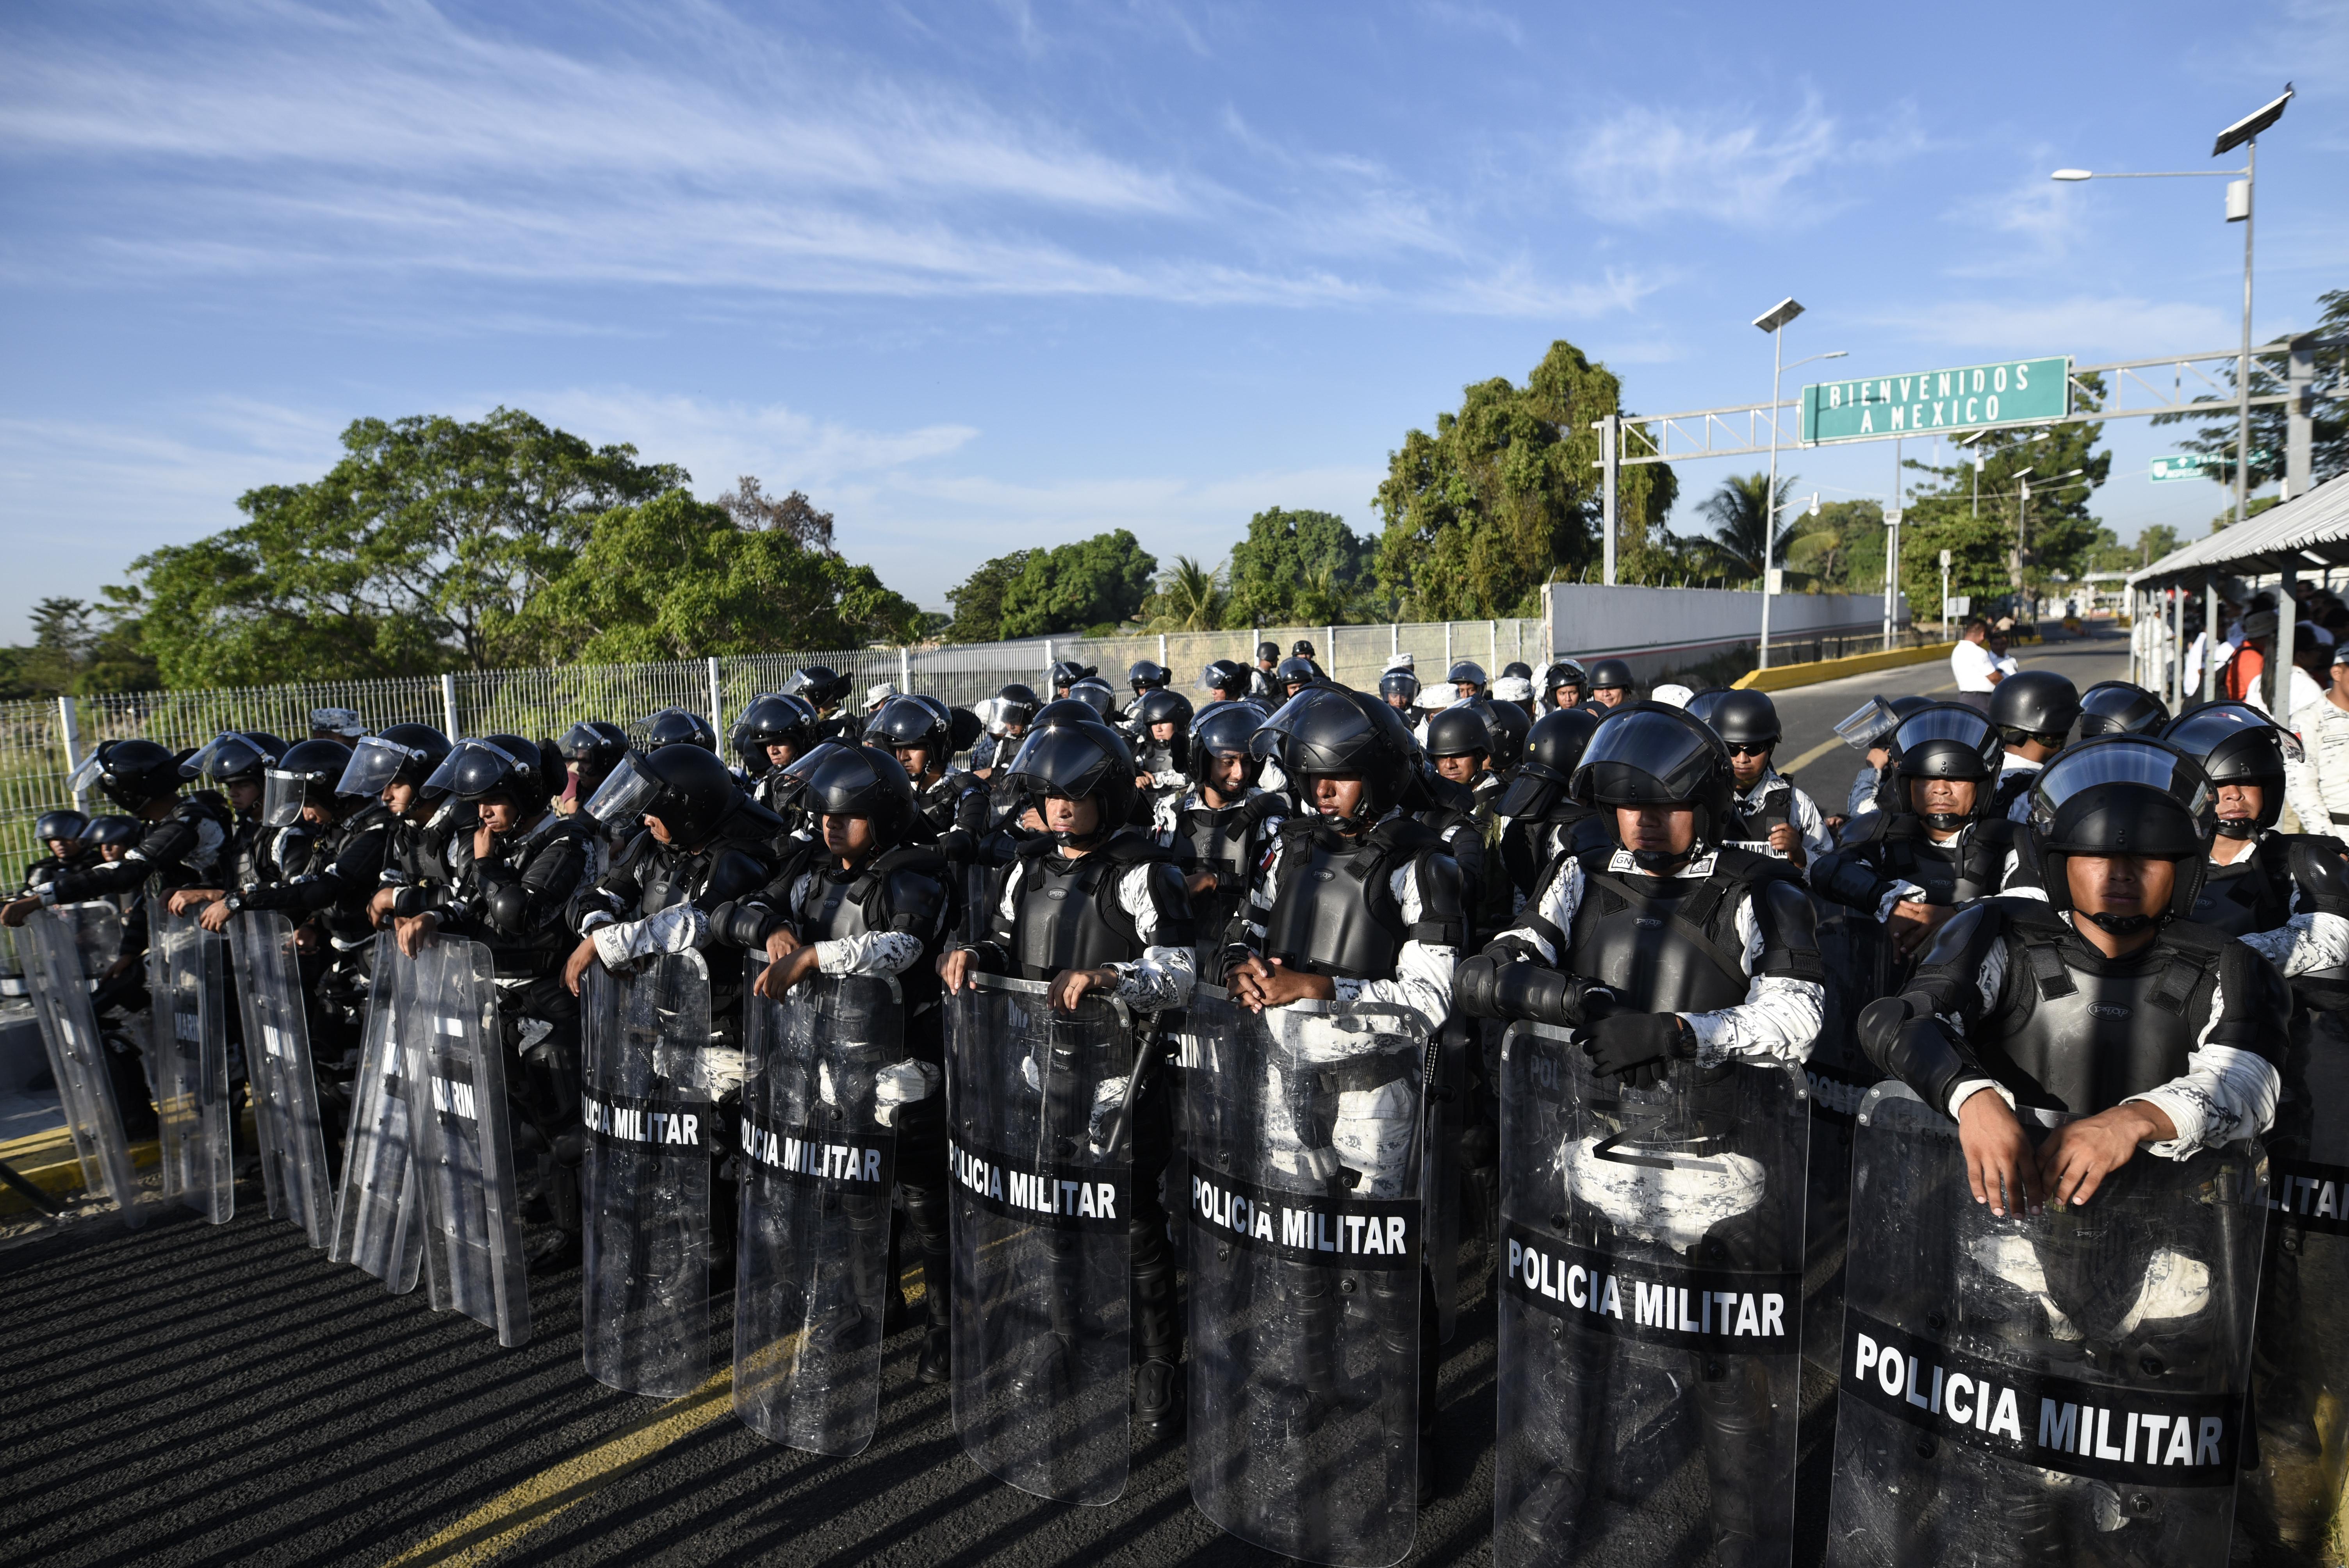 Elementos de la Guardia Nacional resguardan el puente internacional sobre el río Suchiate que conecta a México y Guatemala (Foto: Johan Ordoñez/AFP)